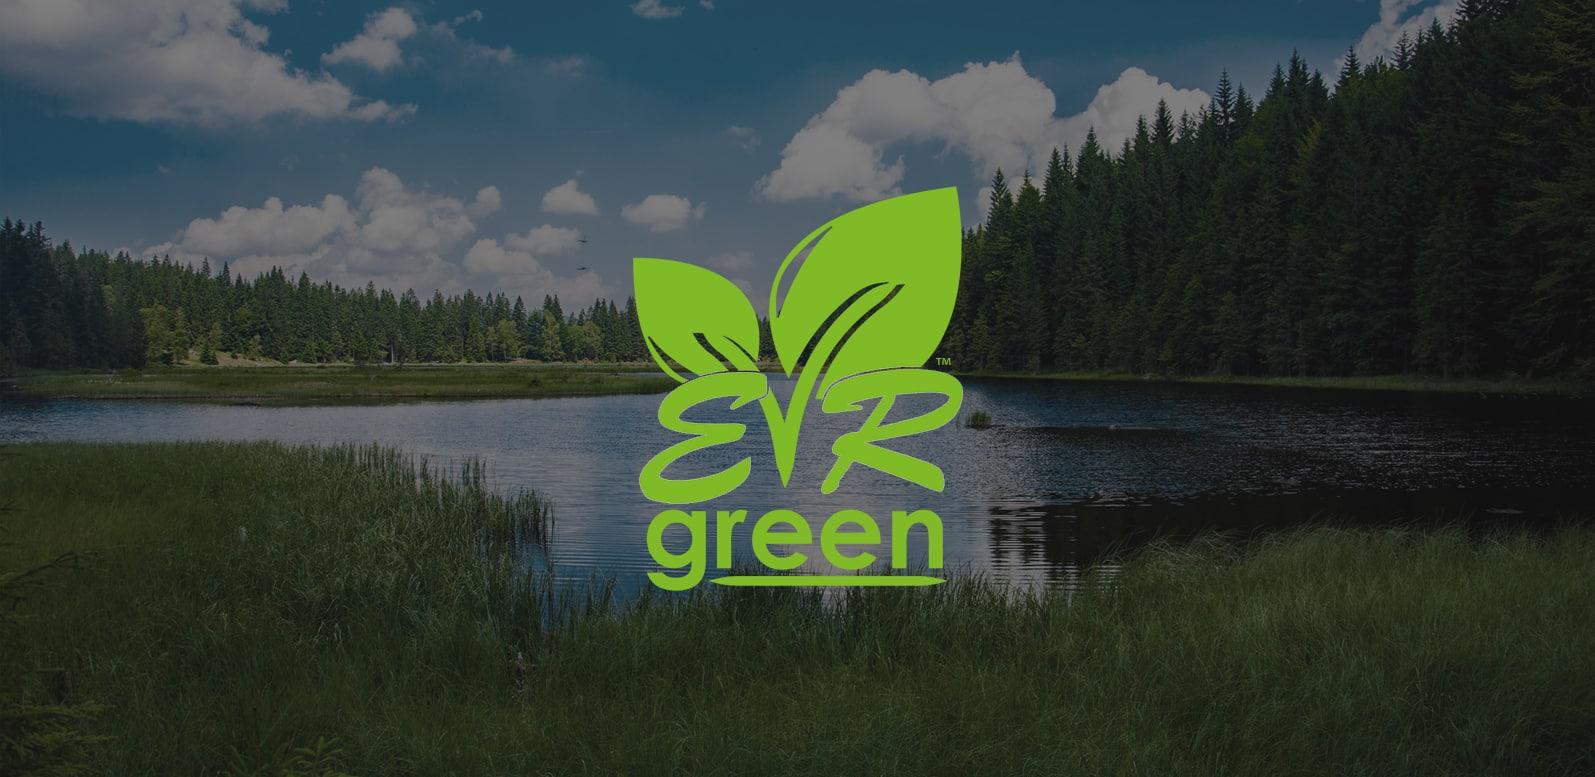 EVRgreen - Polyform